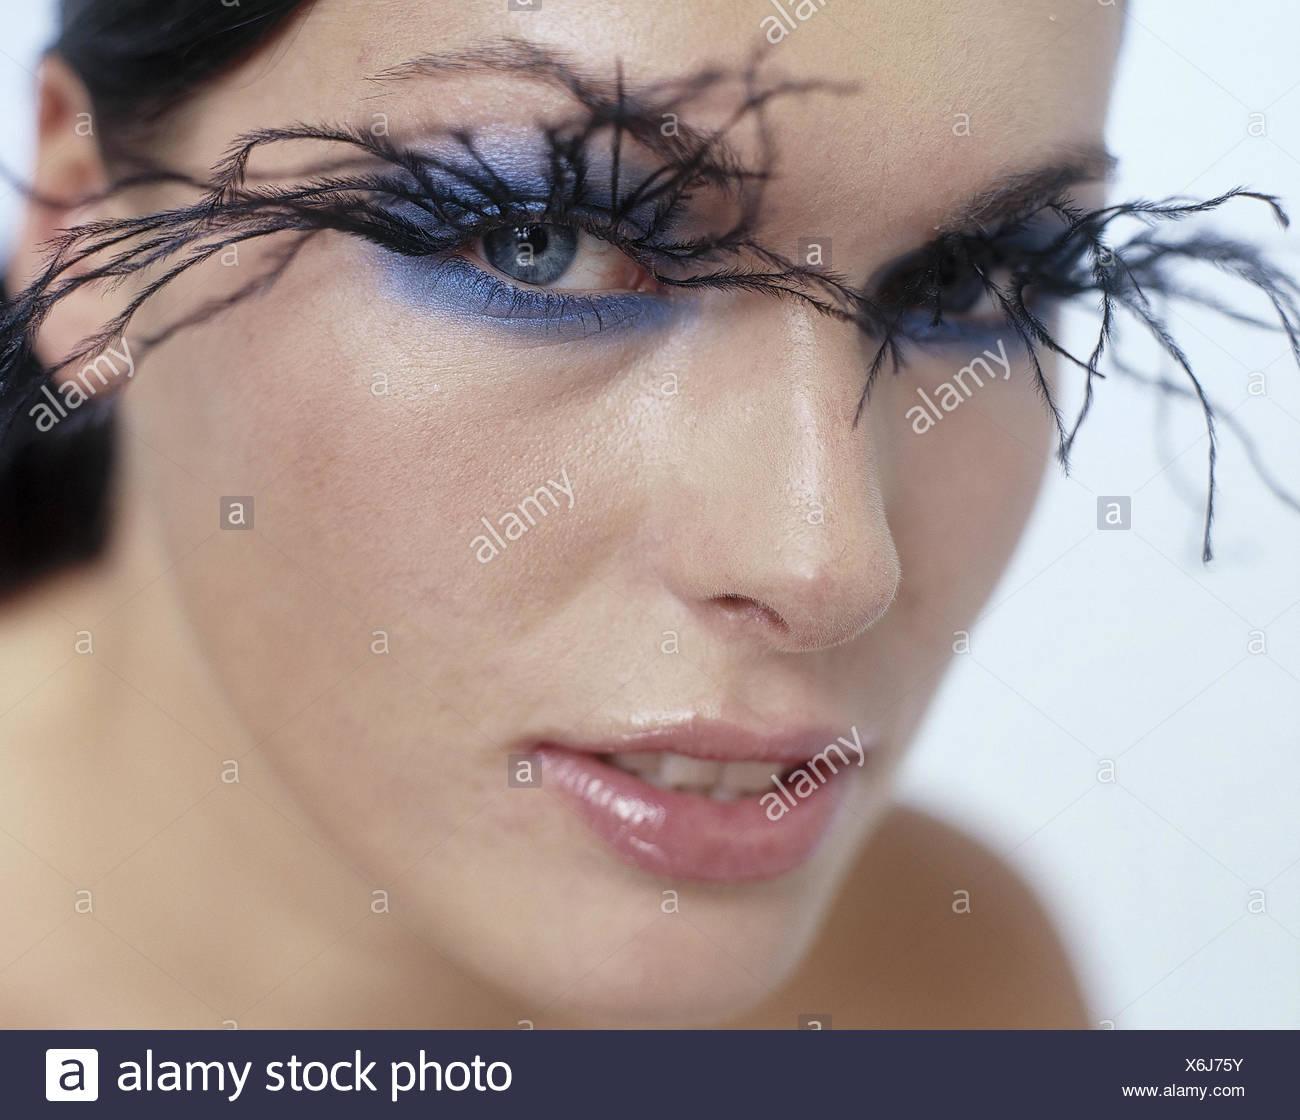 Frau jung augen make up extravagant wimpern portrt frauen frau jung augen make up extravagant wimpern portrt frauen portrt blick geschminkt schminke make up kosmetik rckfahrkamera ernst thecheapjerseys Images